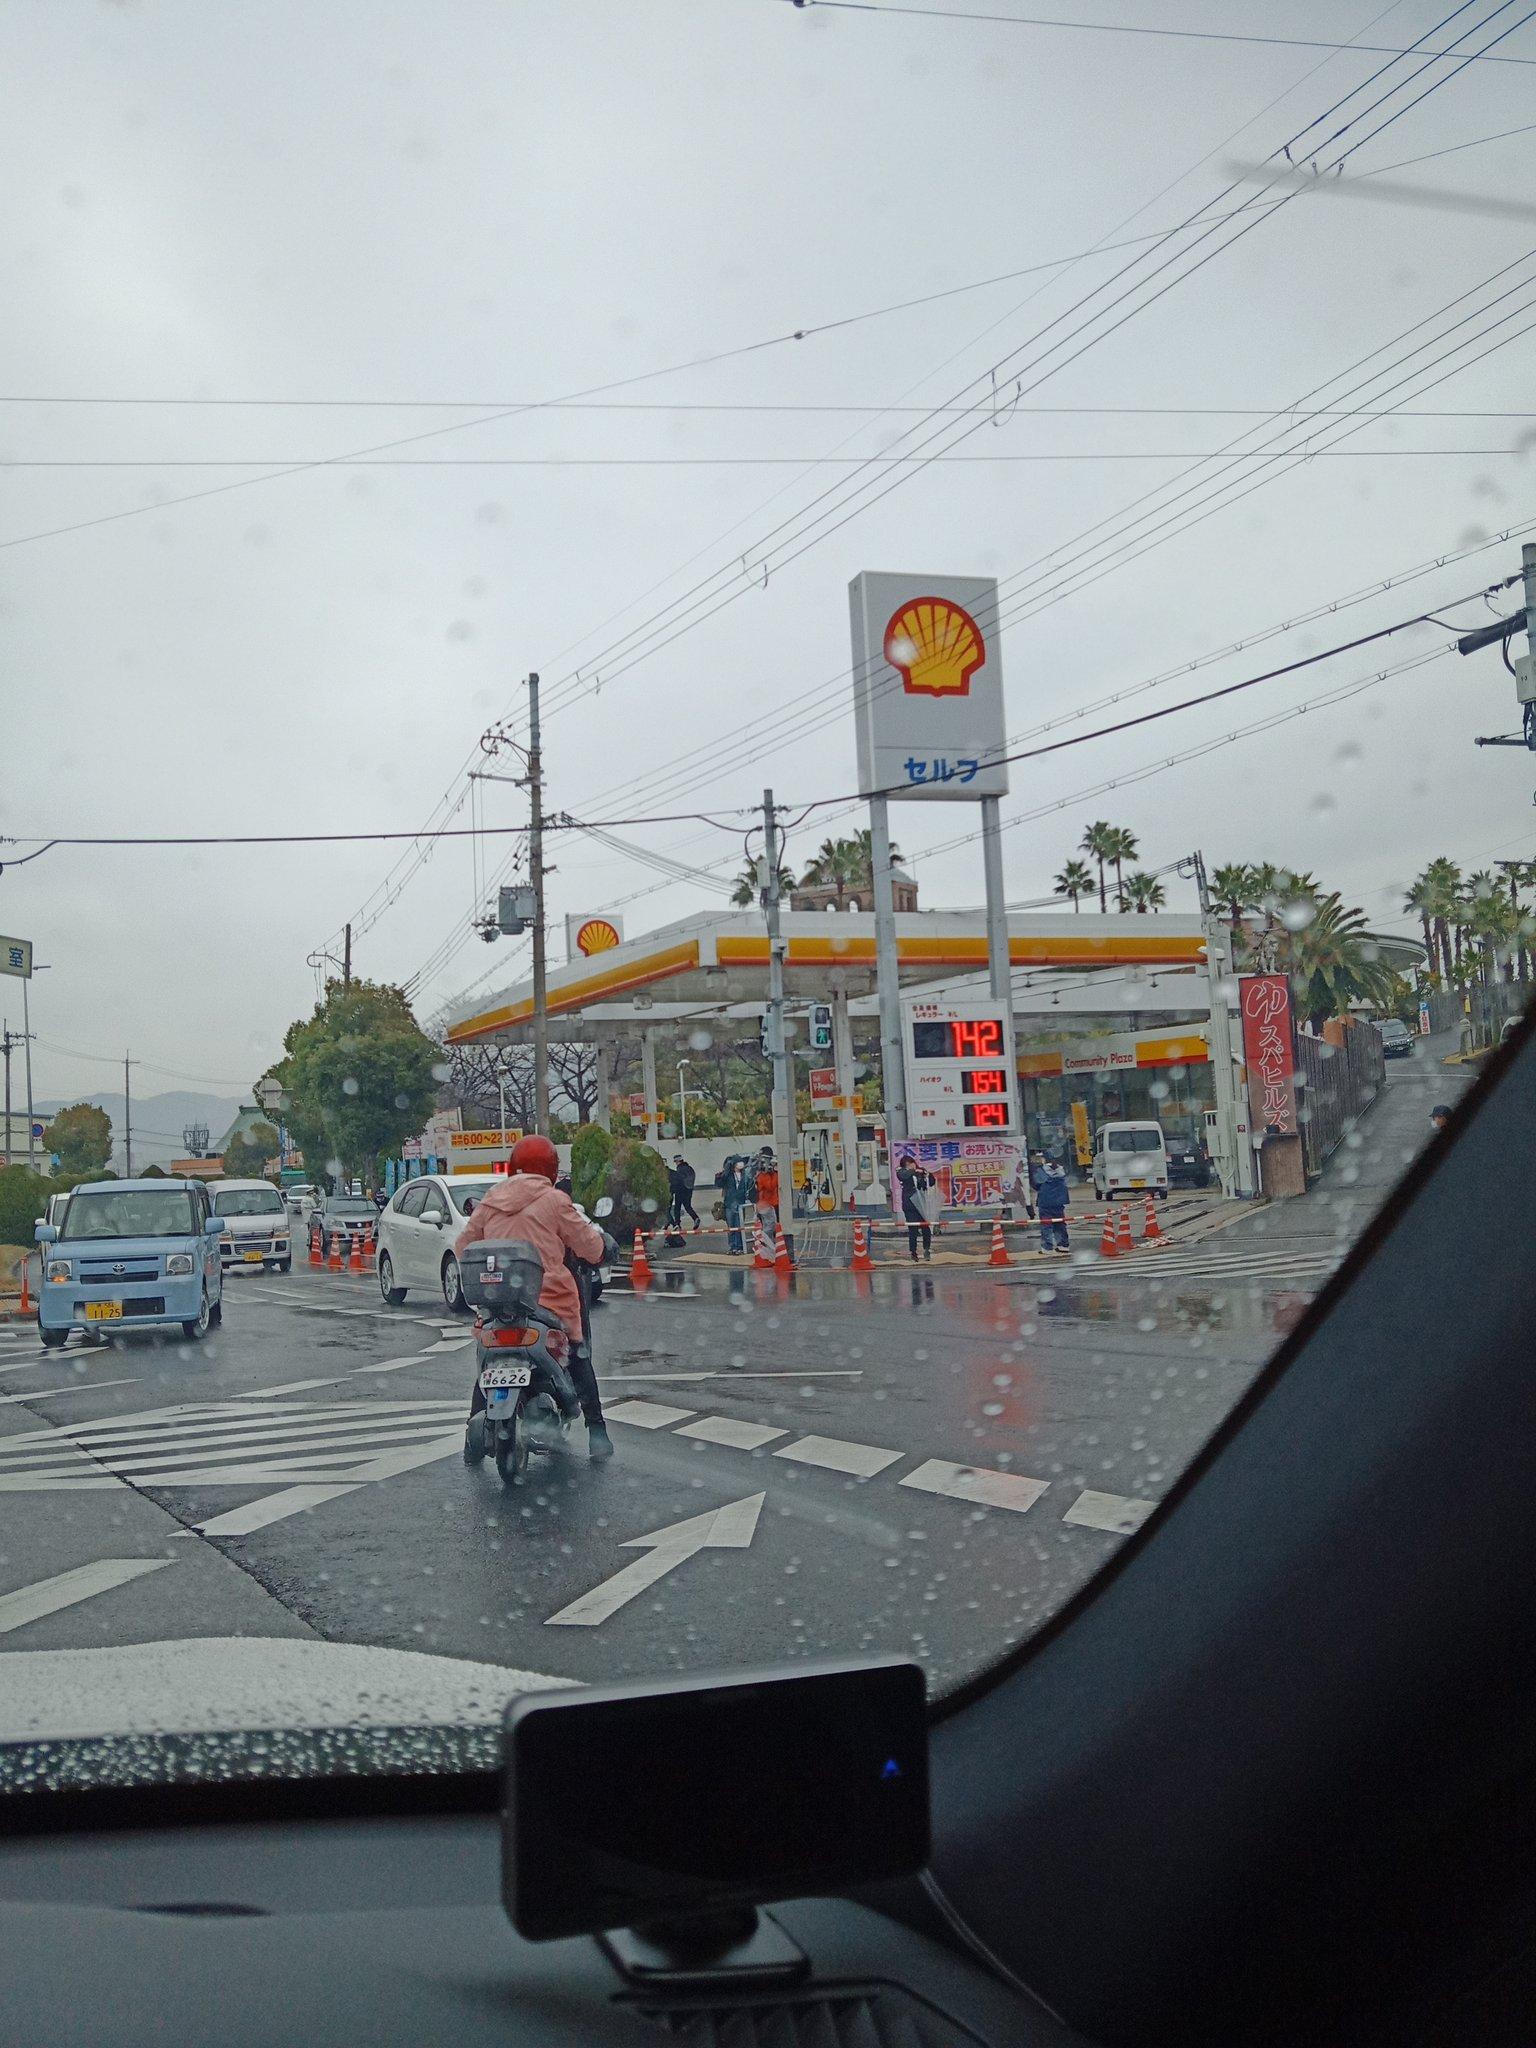 大阪狭山市で殺人未遂事件が起きた現場付近の画像